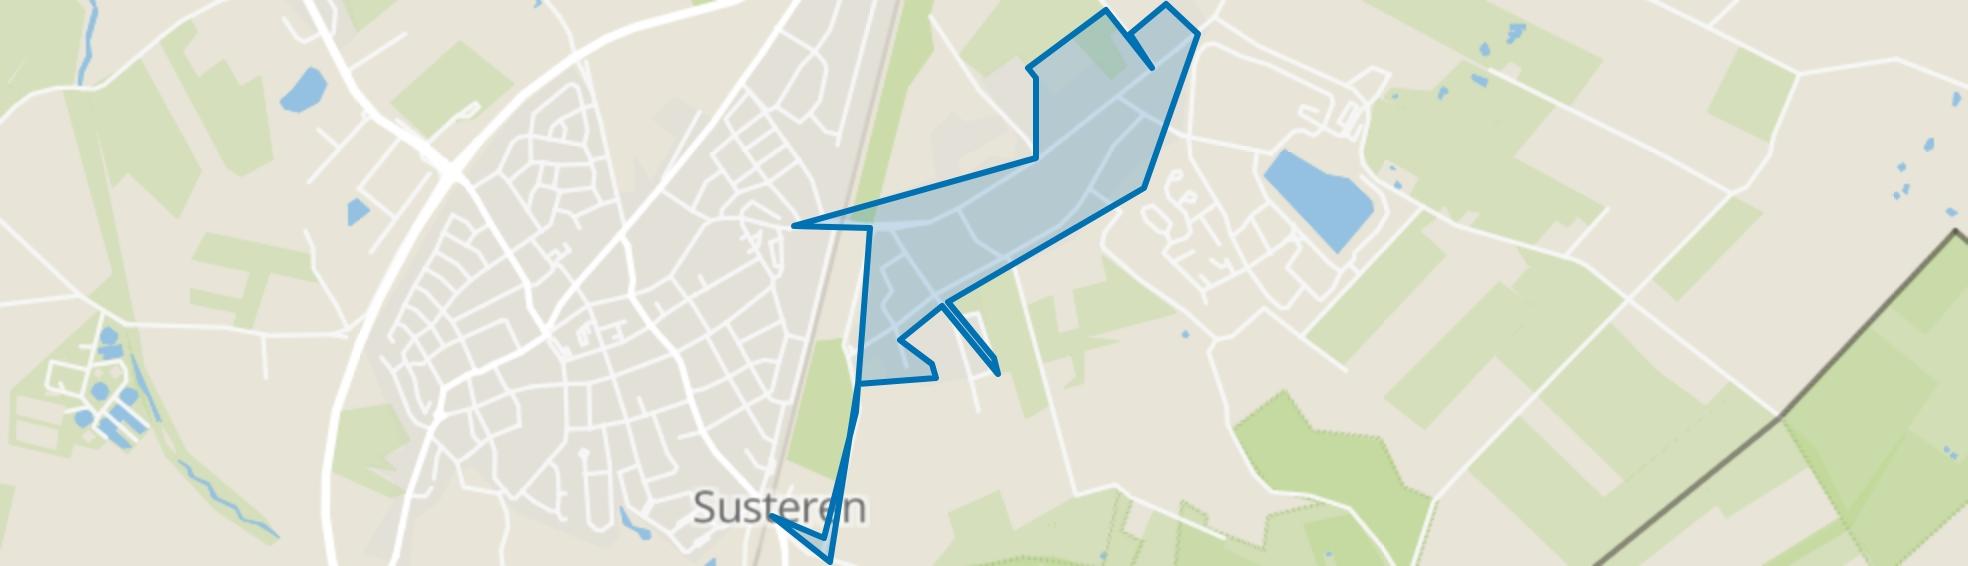 Heide, Susteren map